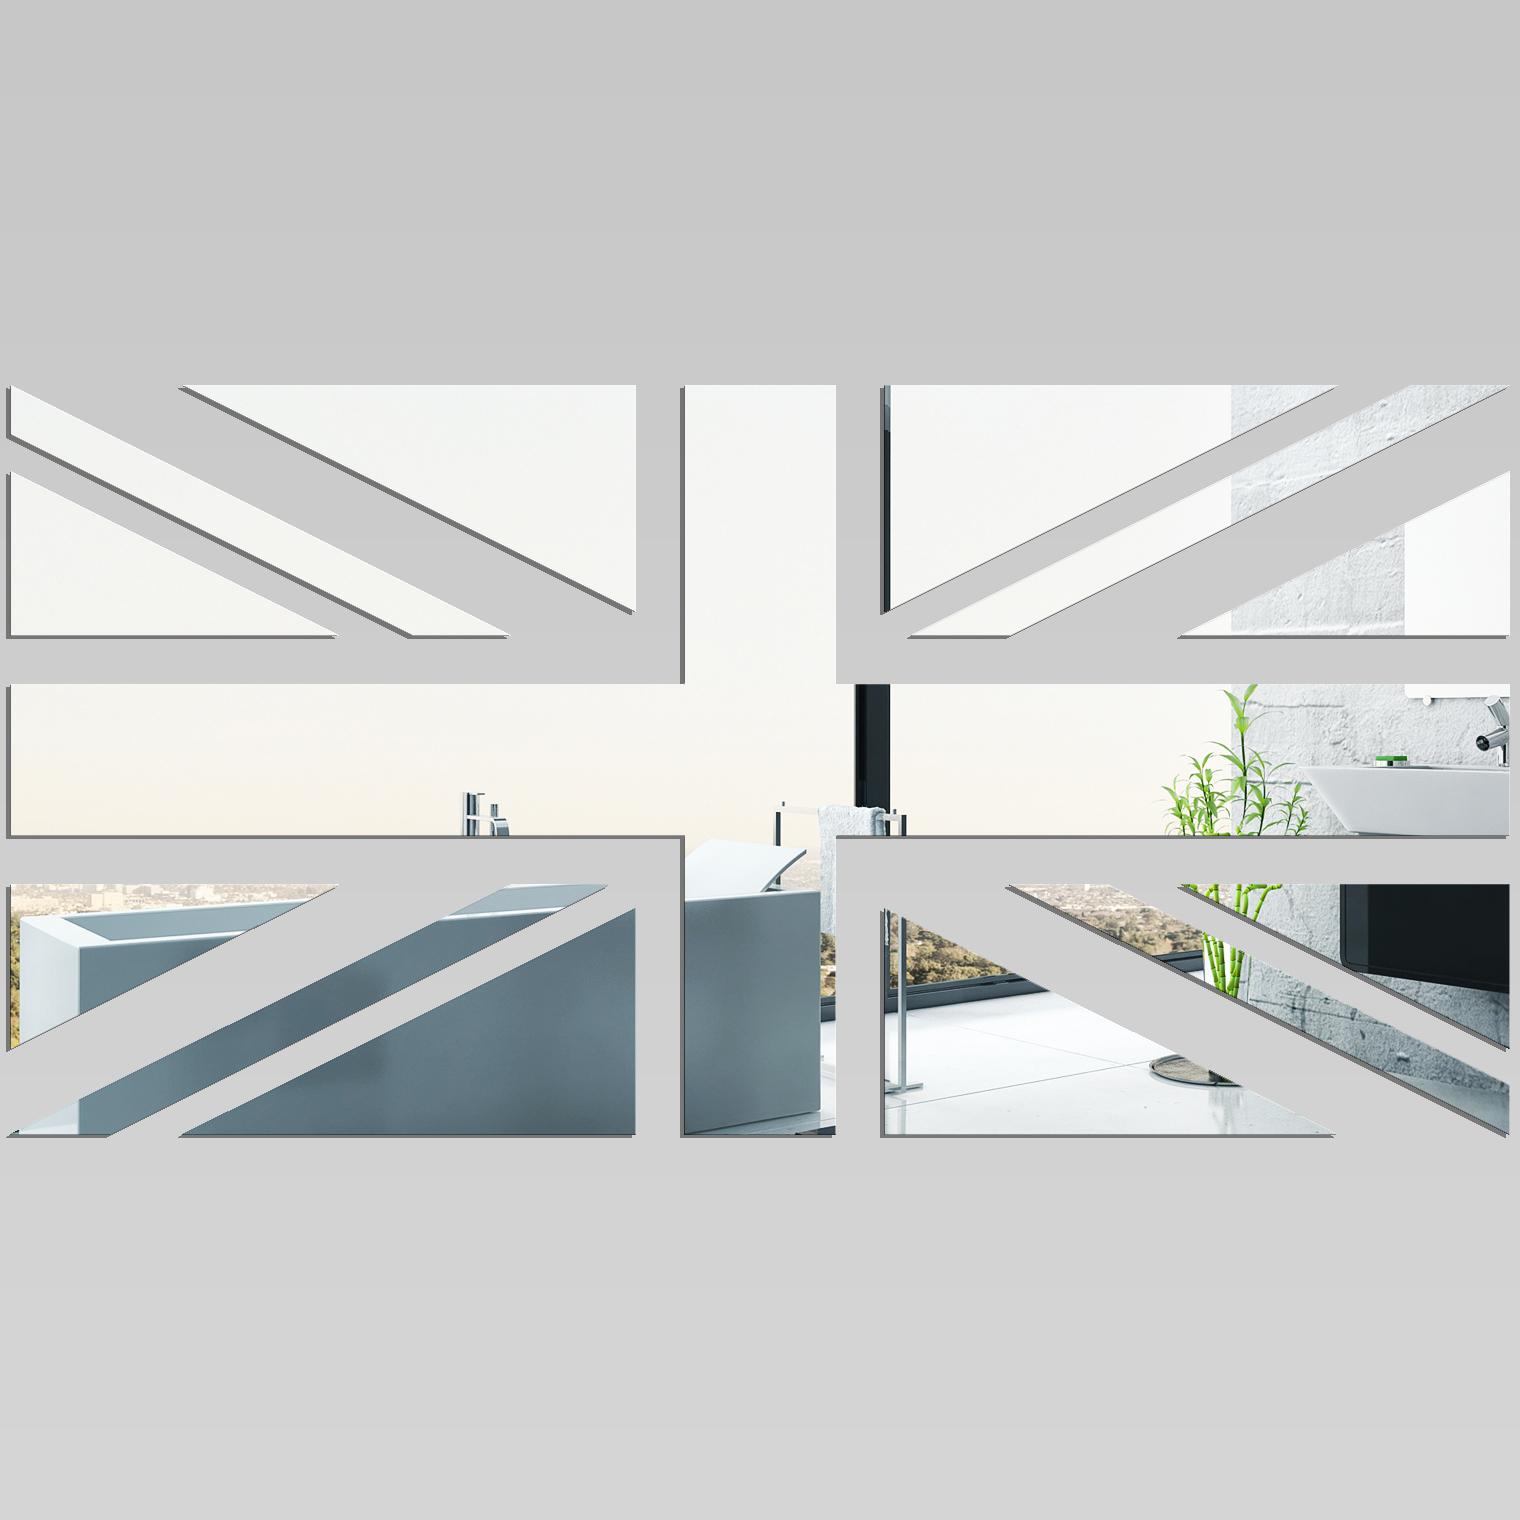 Adesivi follia specchio acrilico plexiglass bandiera for A specchio in inglese